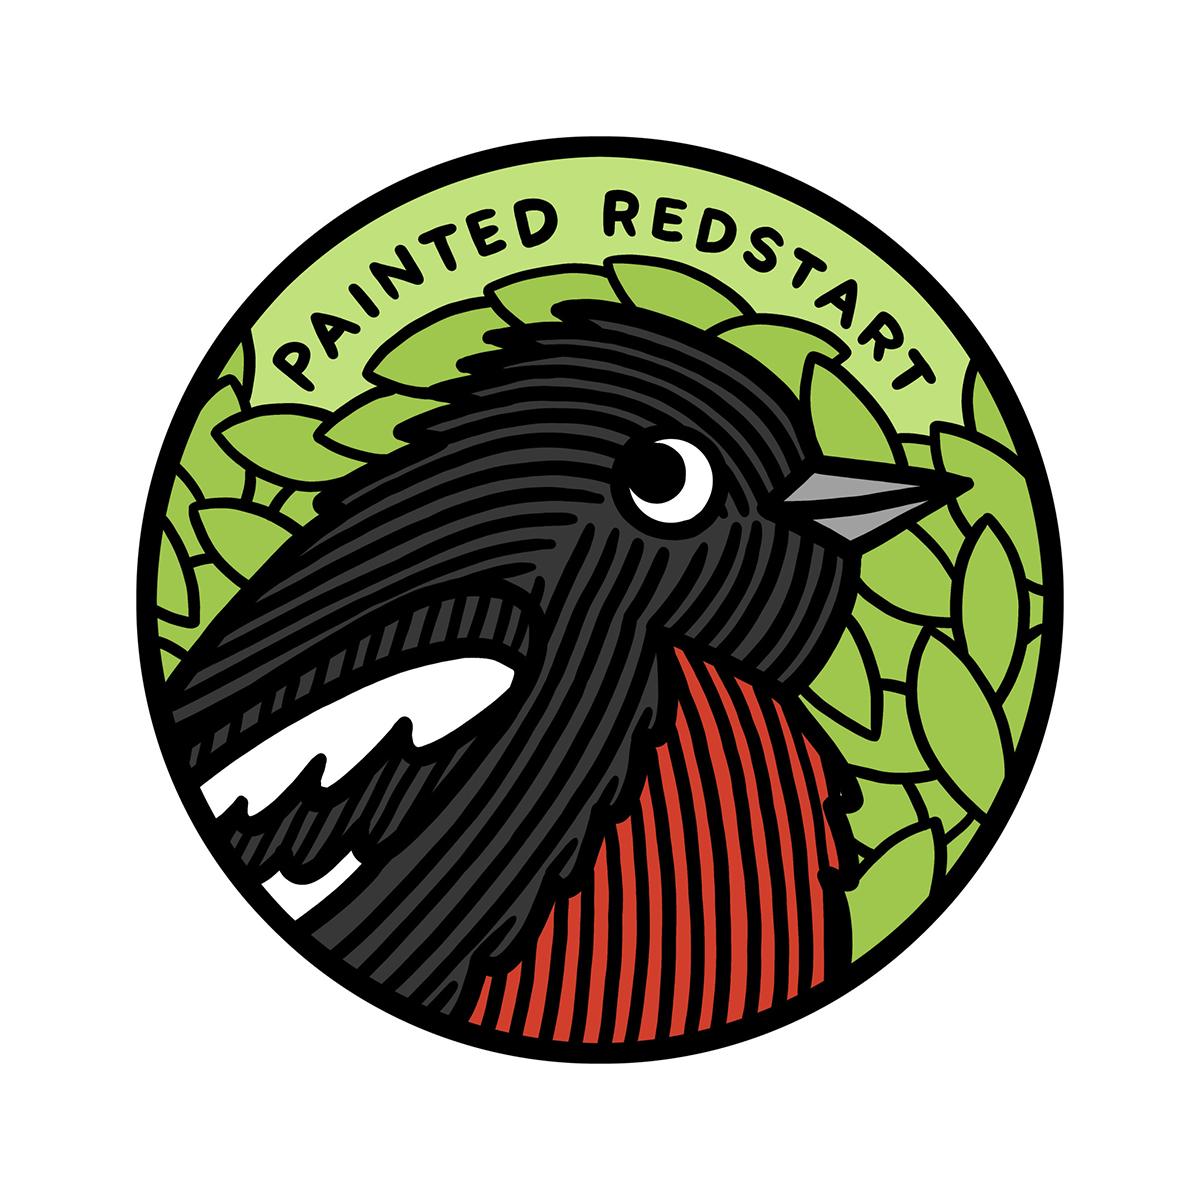 redbird-patch